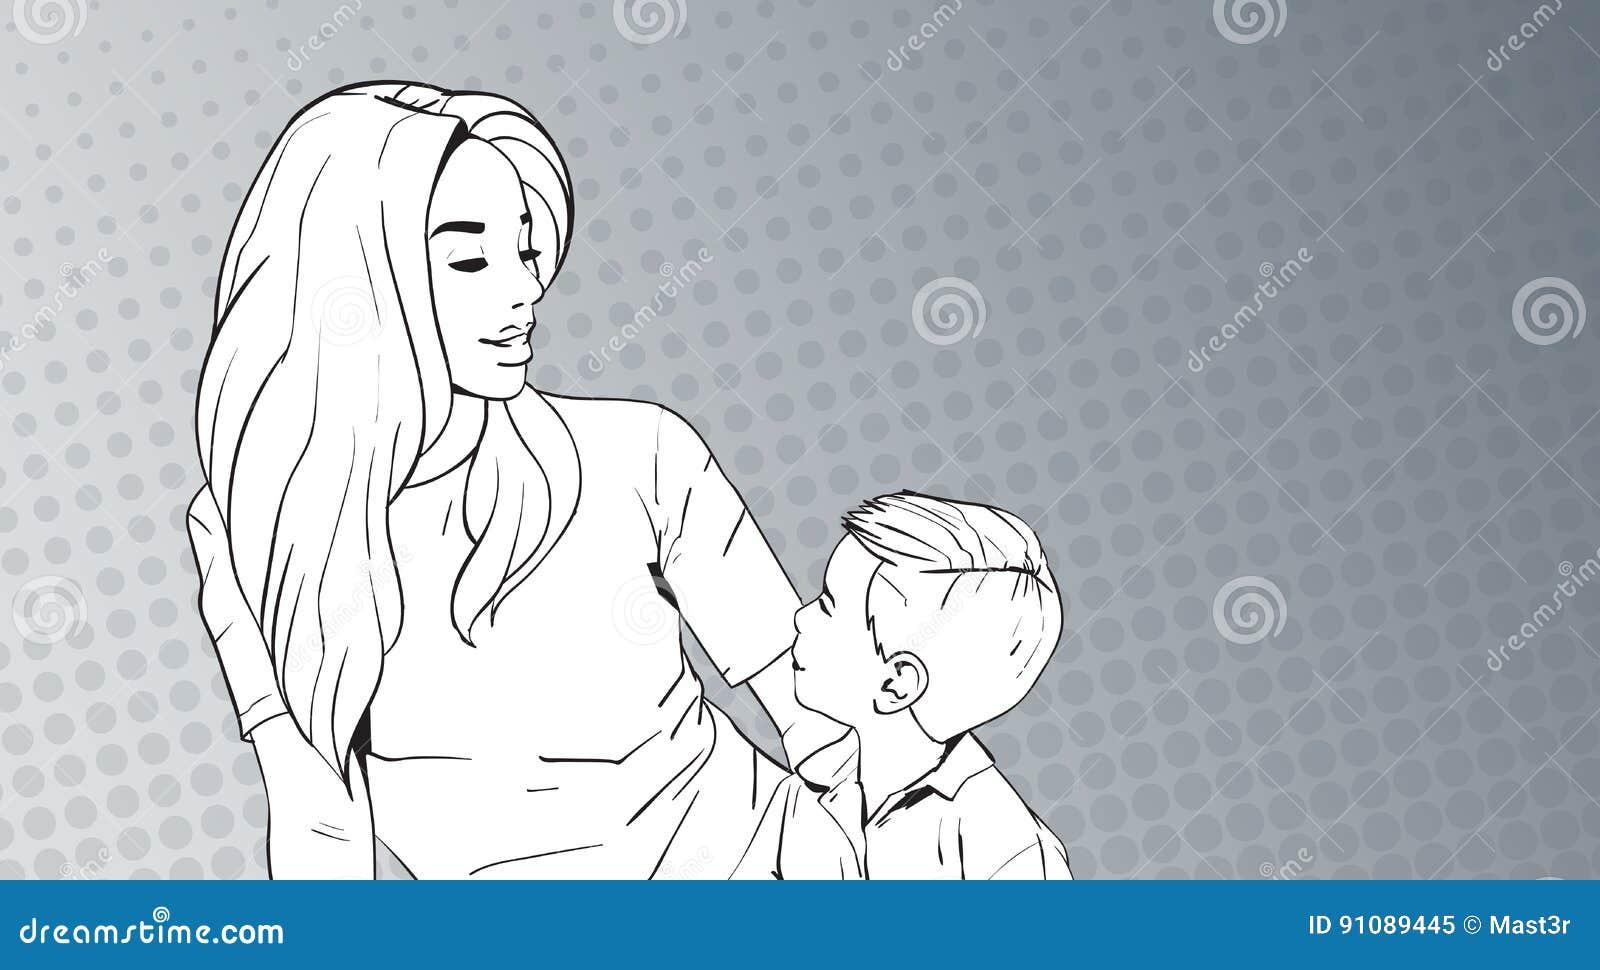 Mamma schizza su figlio